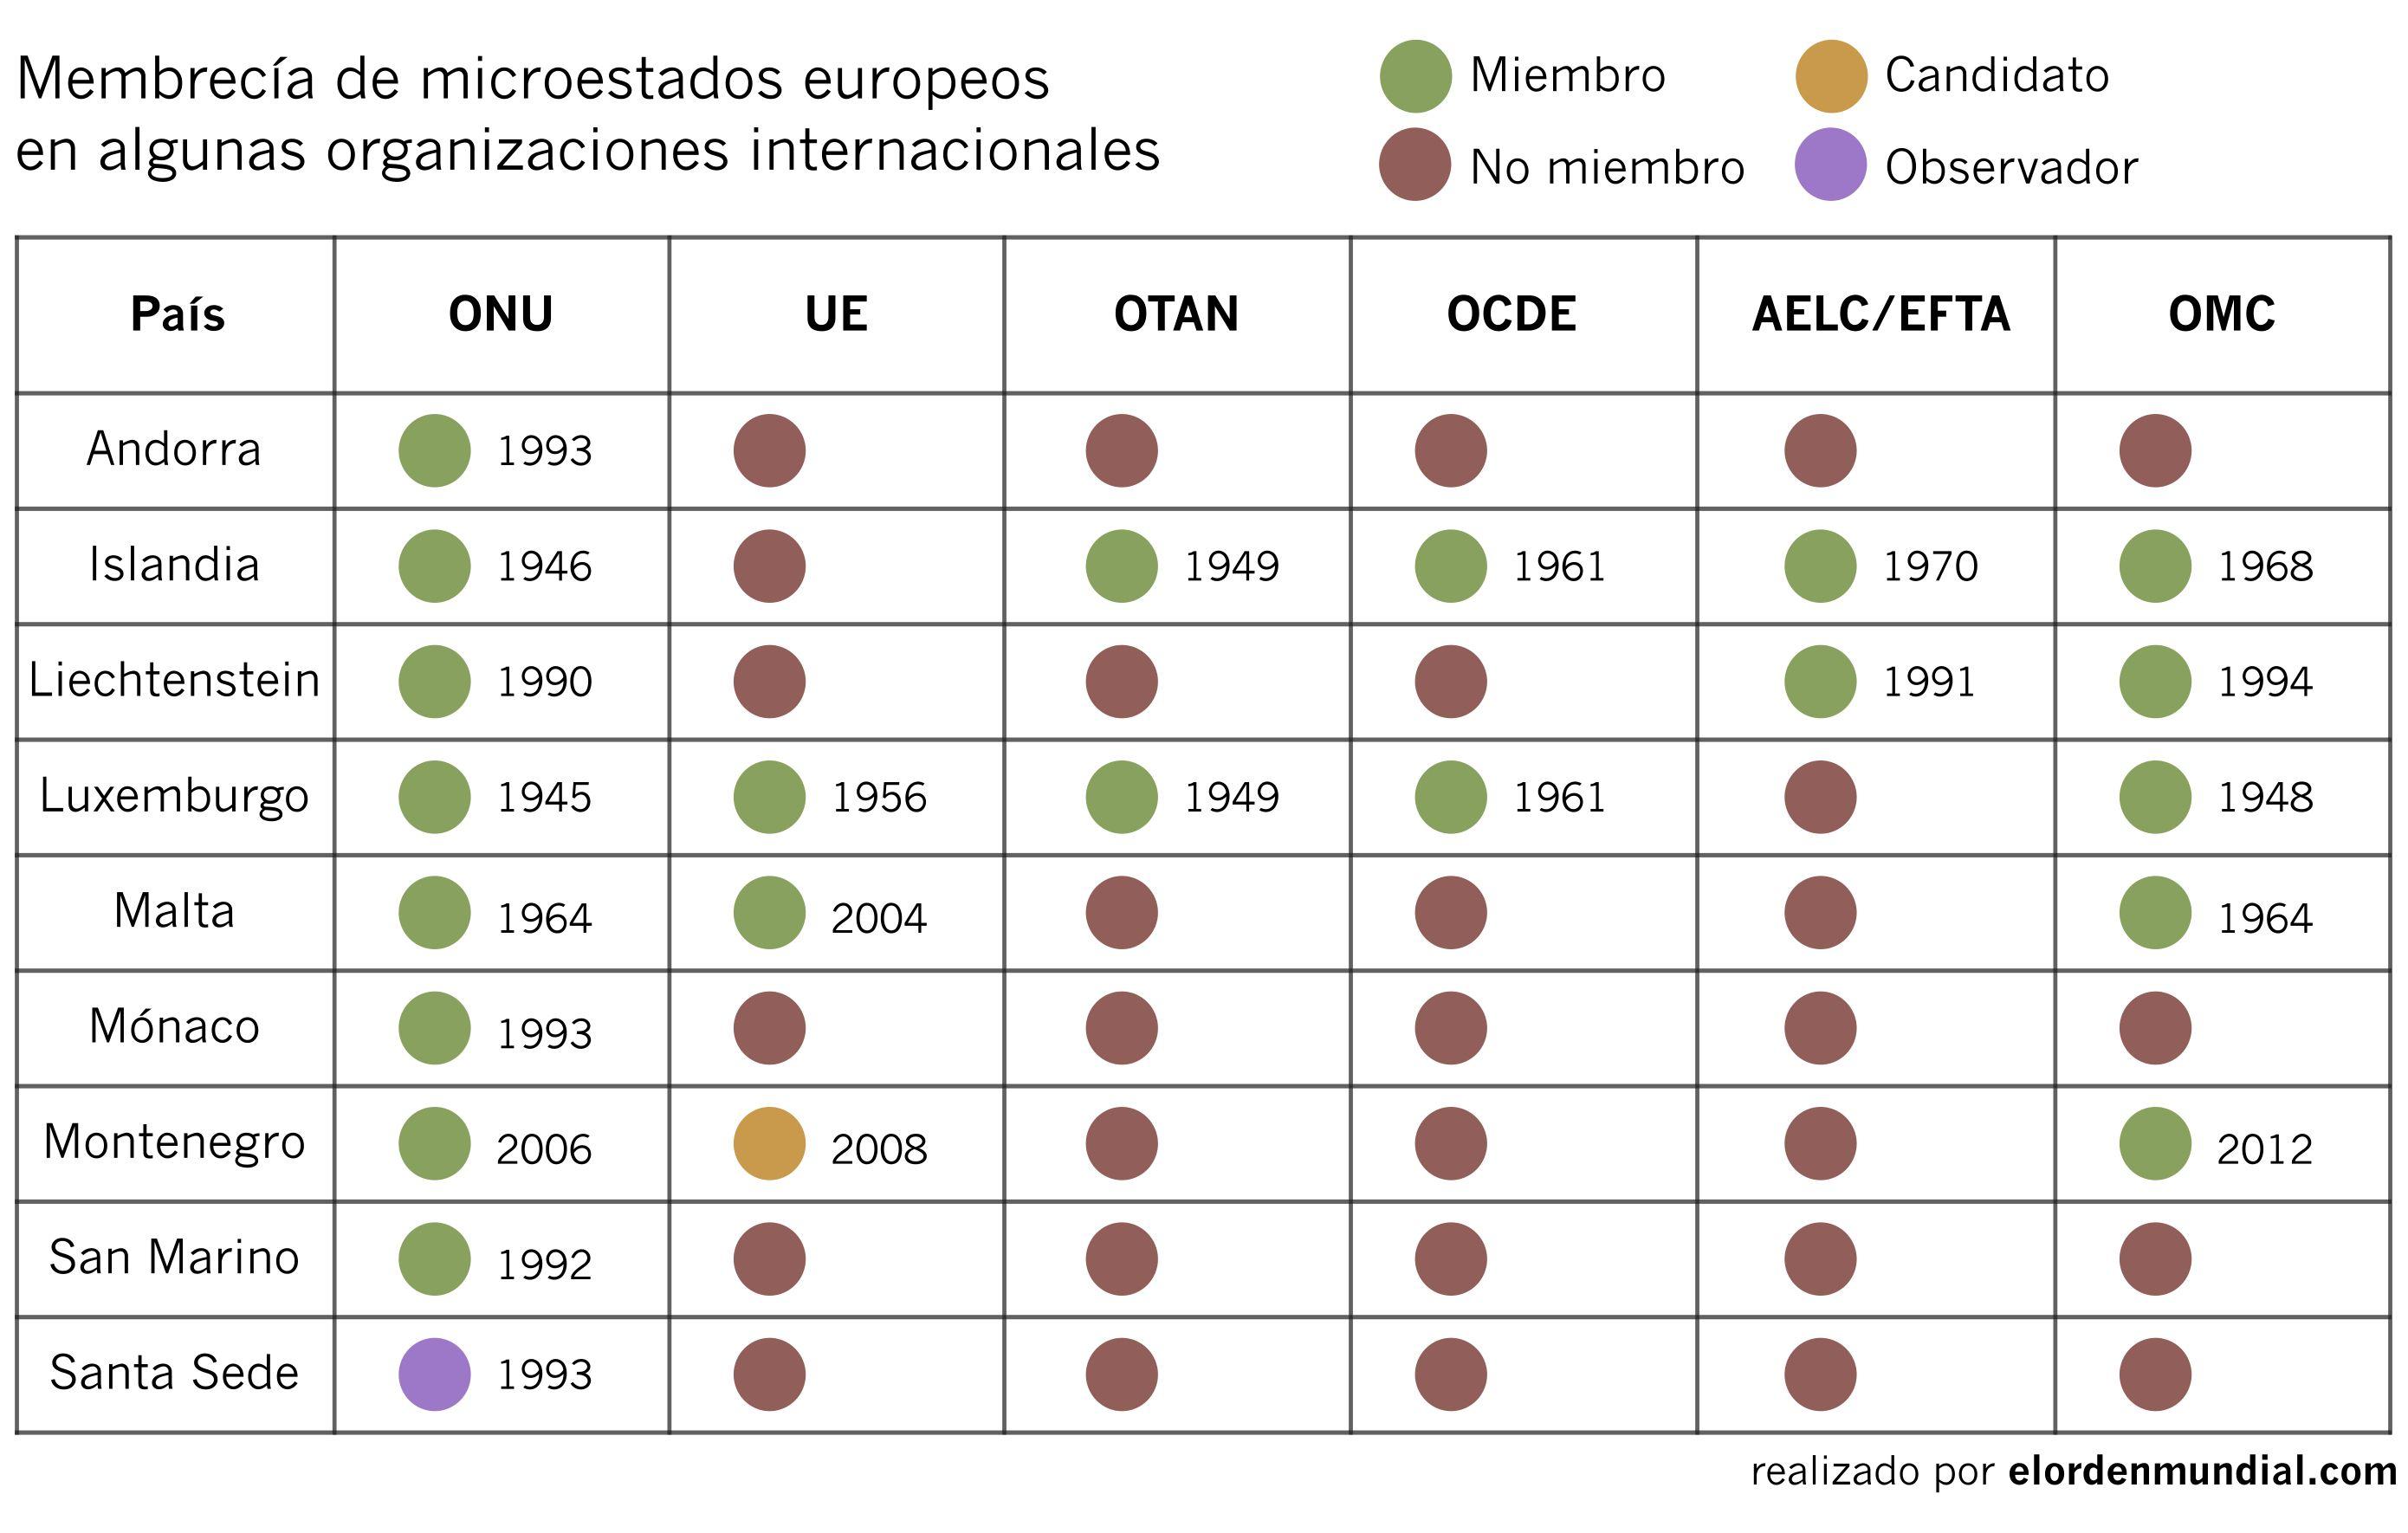 Cómo sobrevivir siendo un microestado europeo - El Orden Mundial - EOM